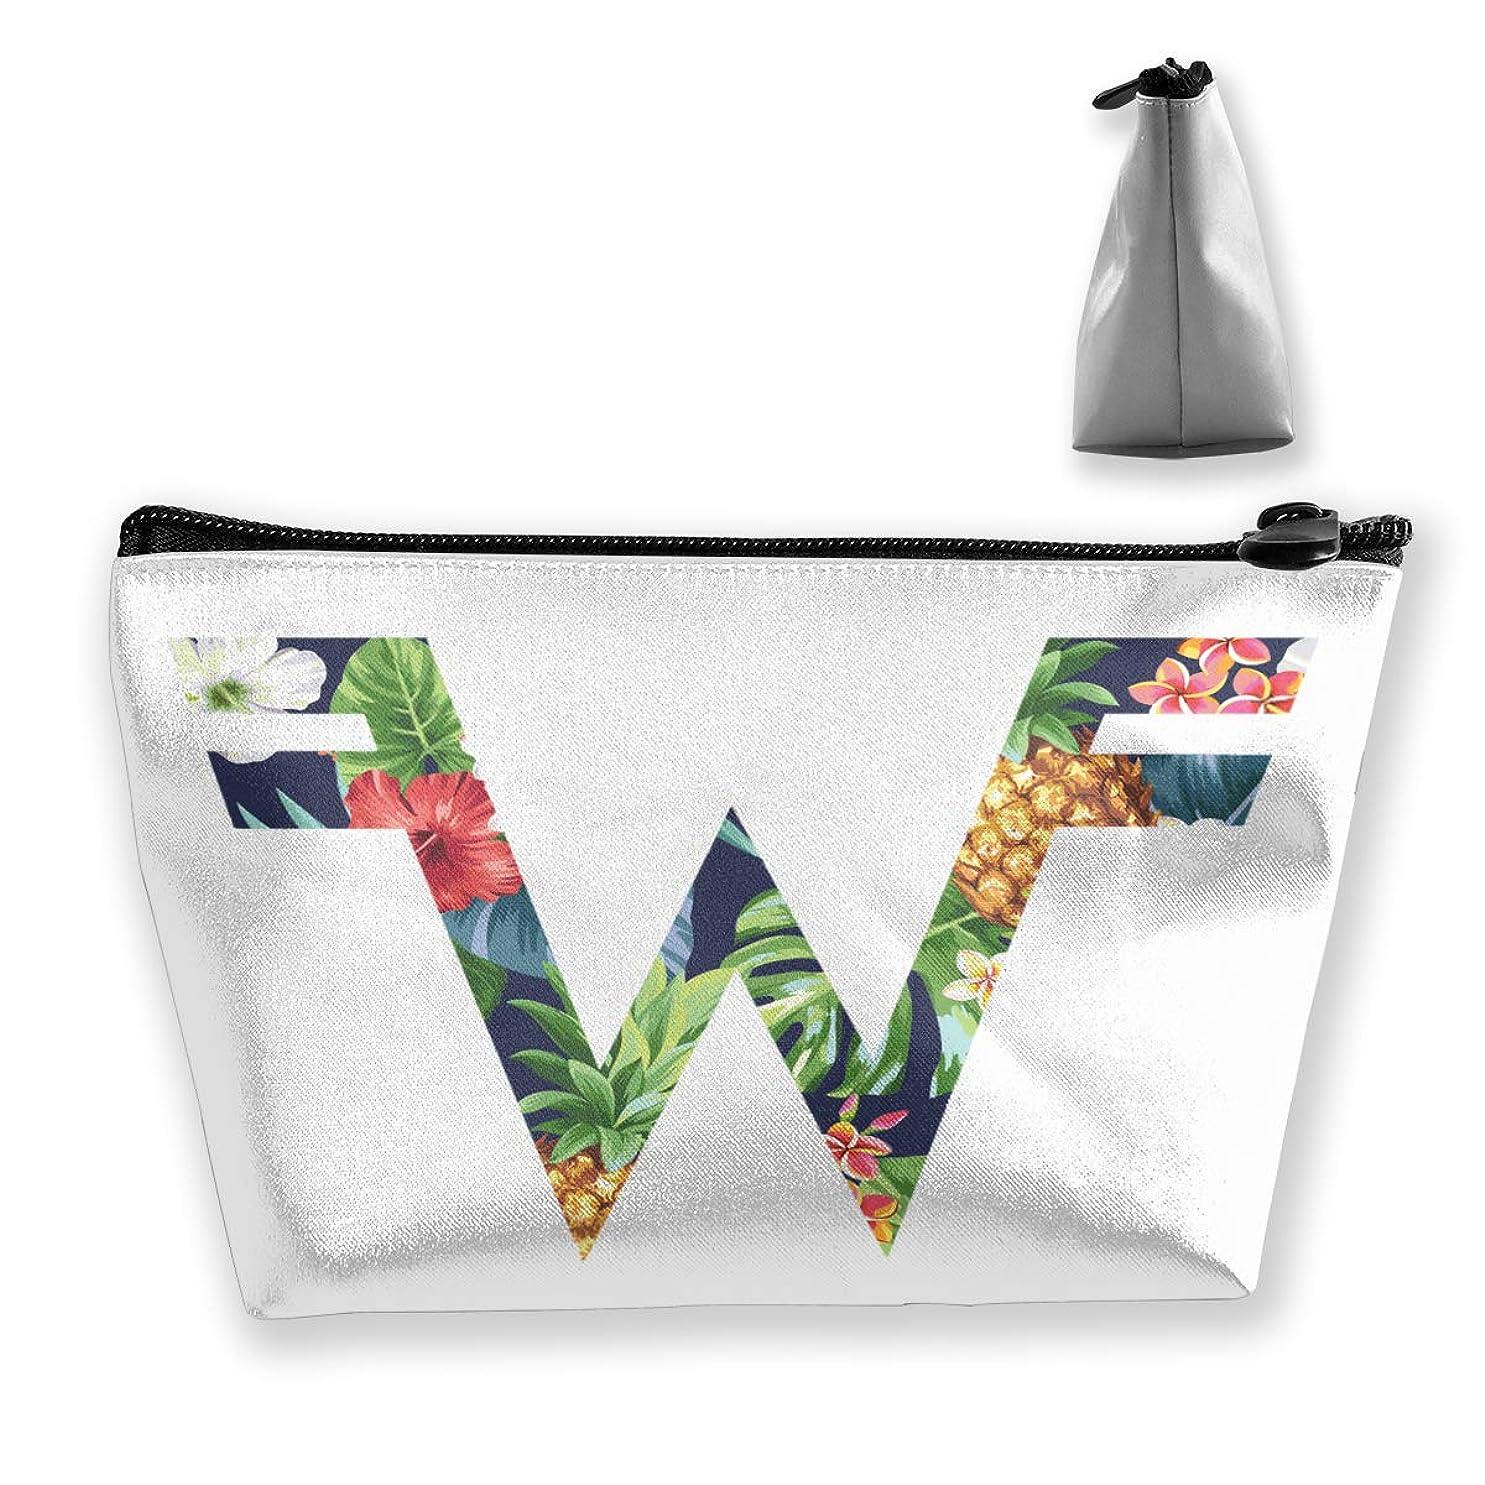 南極畝間差別化する収納袋 コスメポーチ 筆箱 台形 化粧品入れ 高級品 軽い 大容量 普段使い 学生 サラリーマン 出張 スポーツ 多機能 贈り物 Weezer Logo 花柄